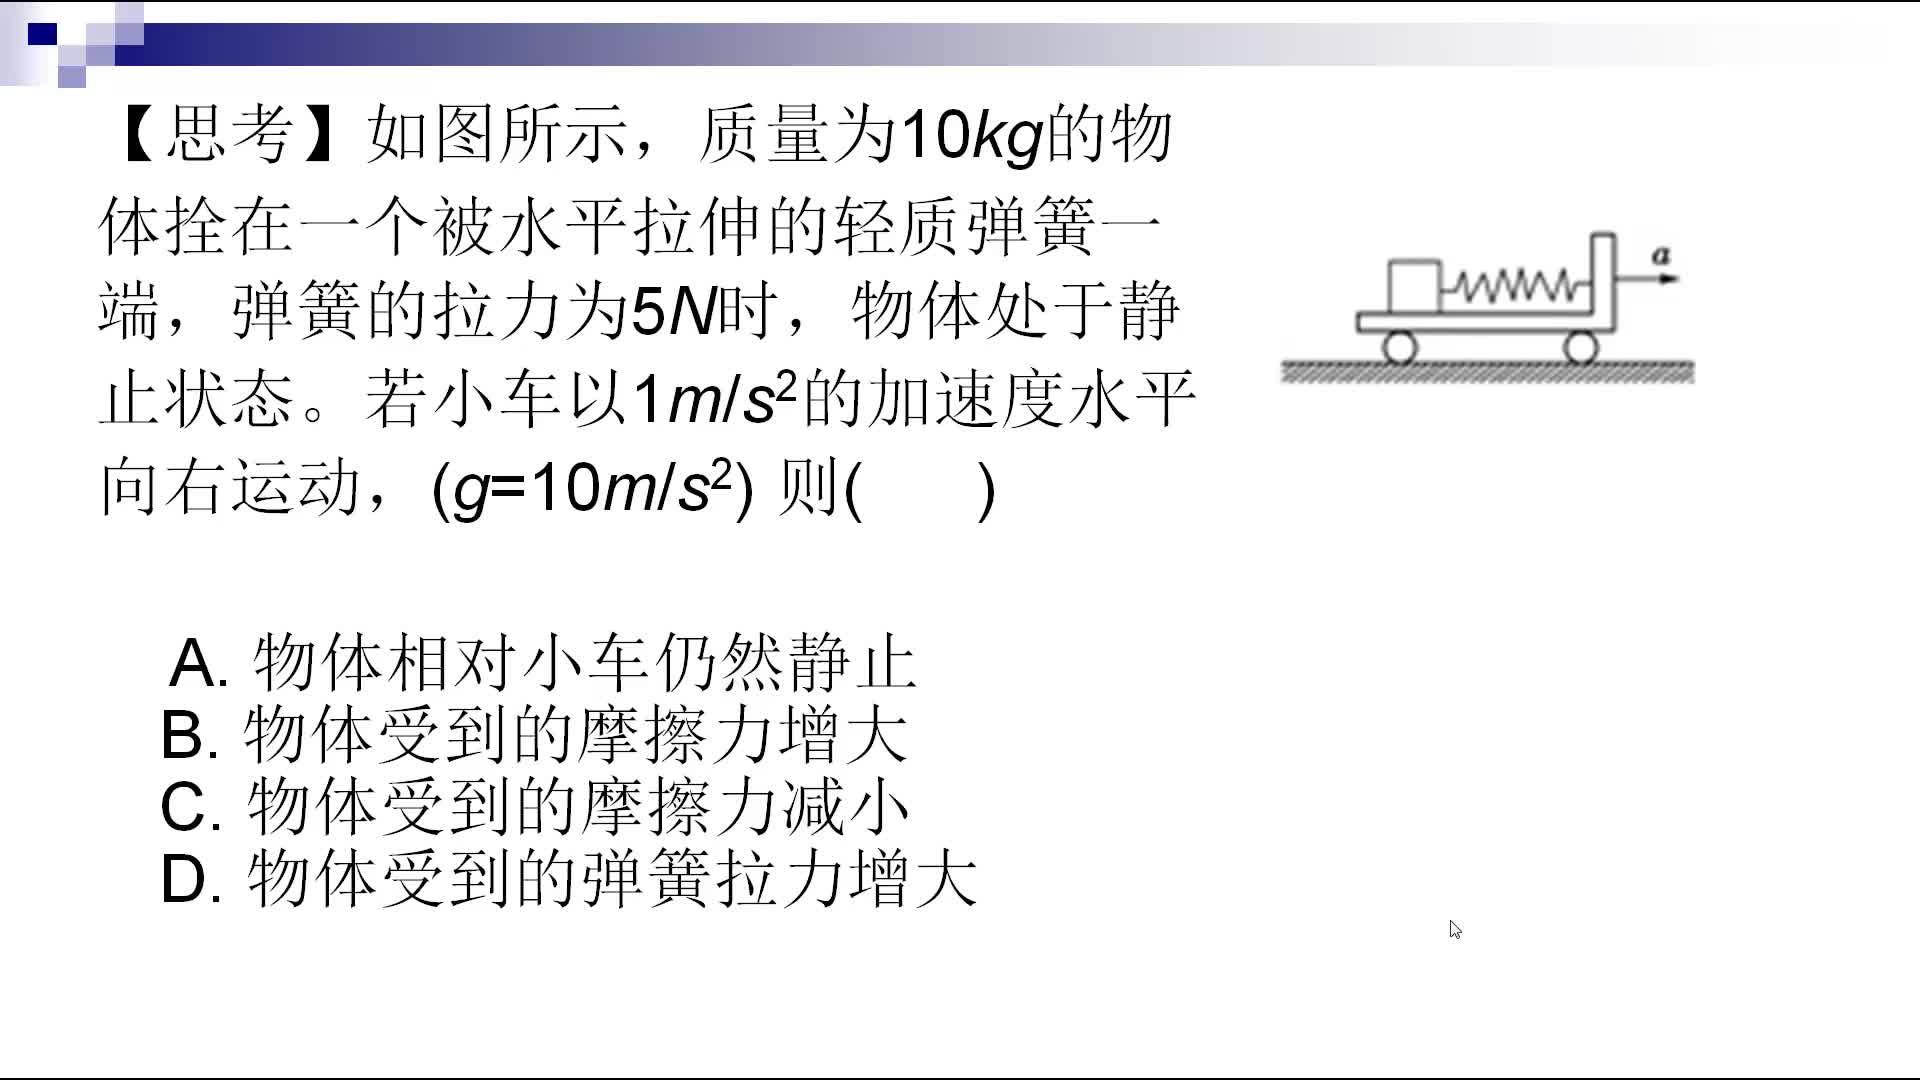 人教版 高一物理 必修一 4.6用牛顿第二定律解决问题-不超过最大静摩擦力(牛顿第二定律难点辨析)